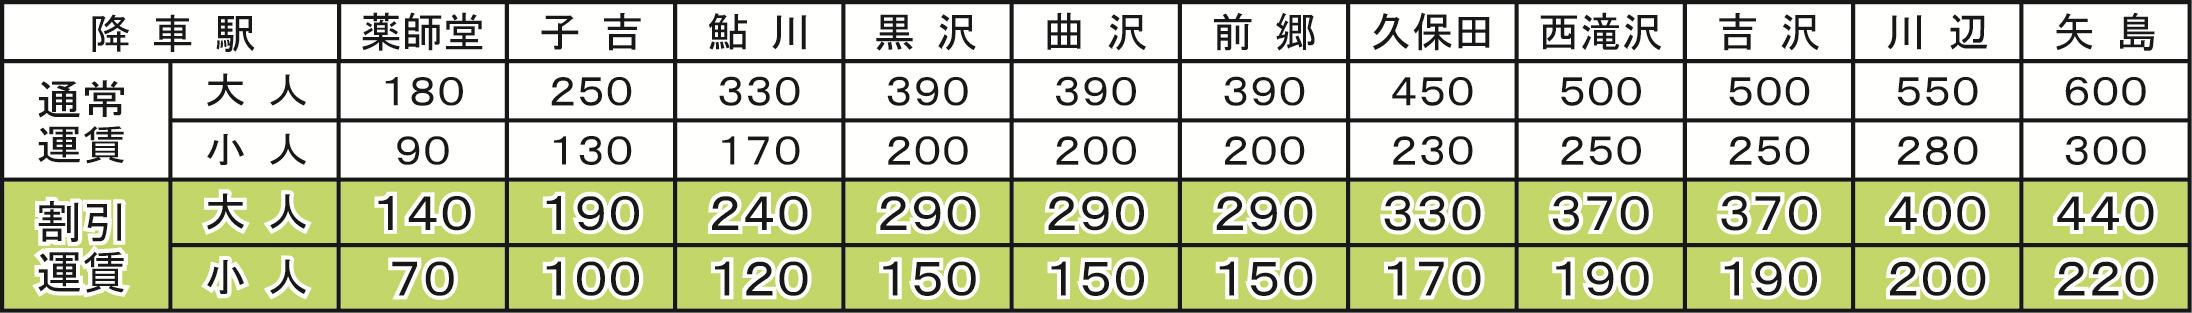 カダーレ割引きっぷ運賃表